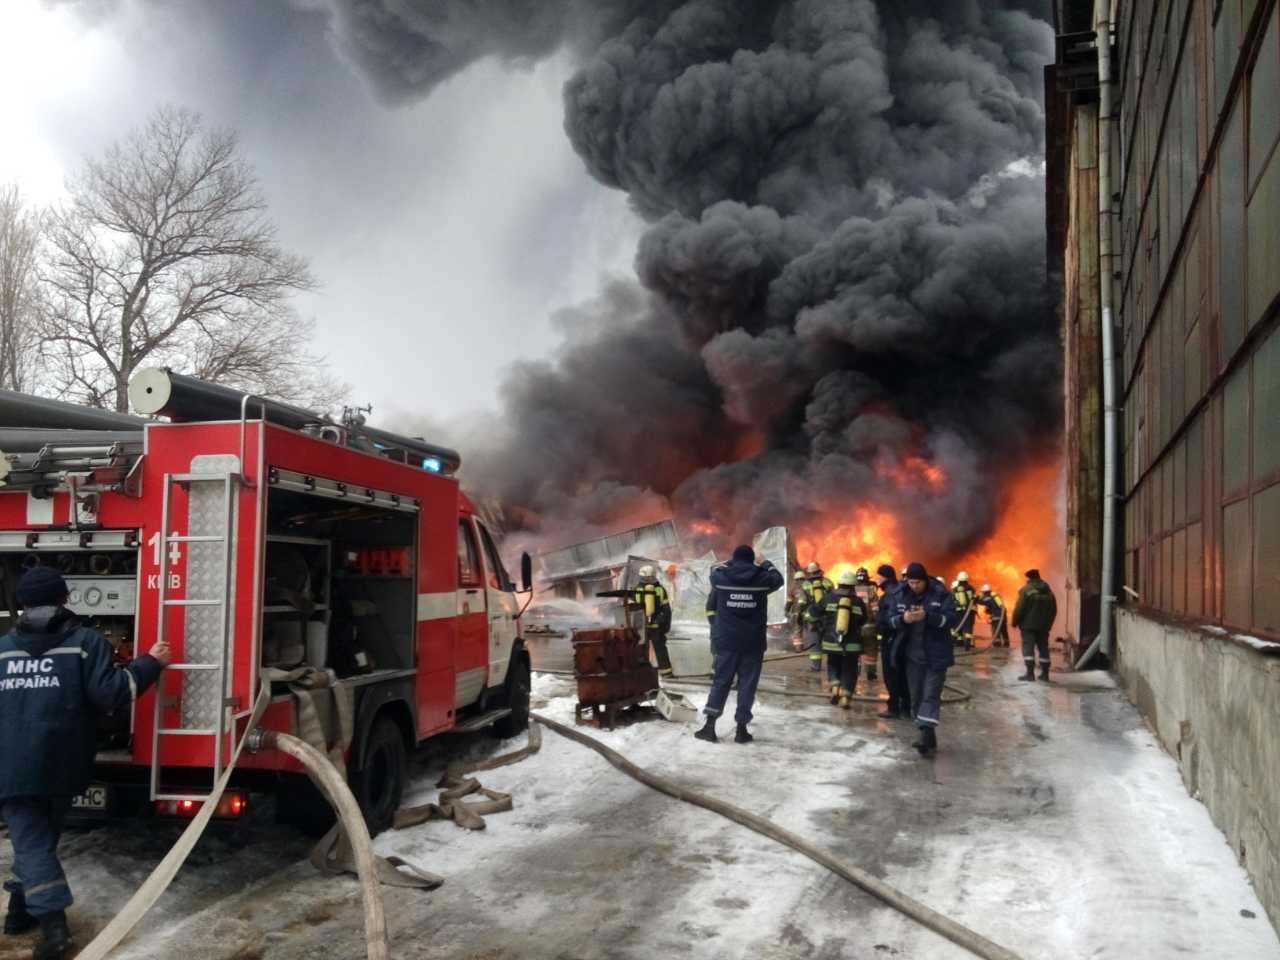 ВКиеве наПодоле начался масштабный пожар, над городом столб дыма